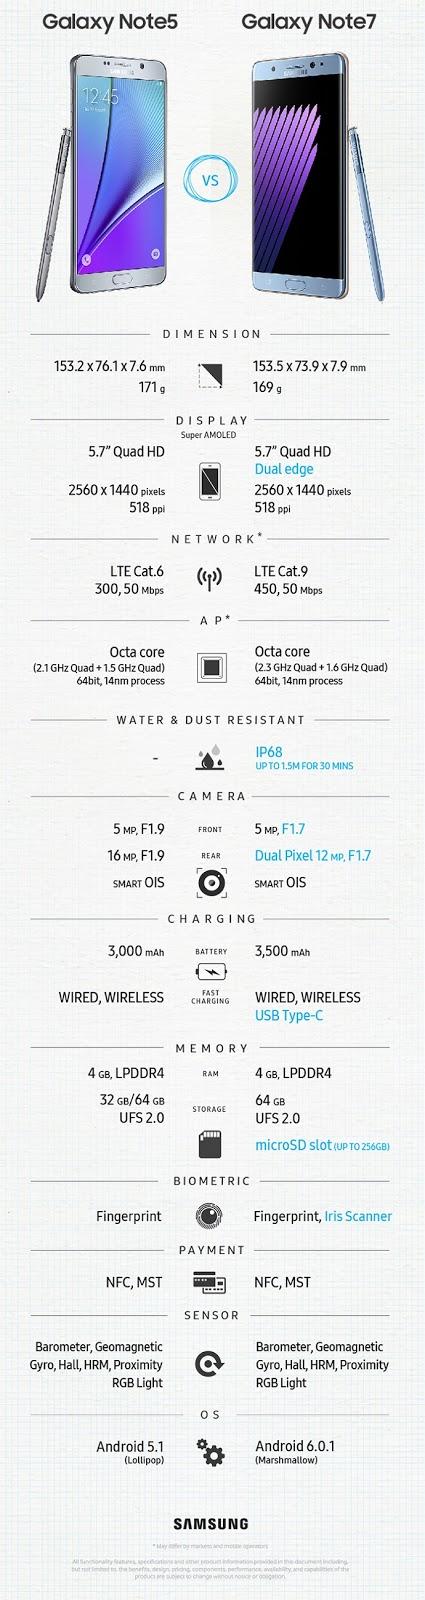 Galaxy-Note-7-vs-Galaxy-Note-5-Comparison